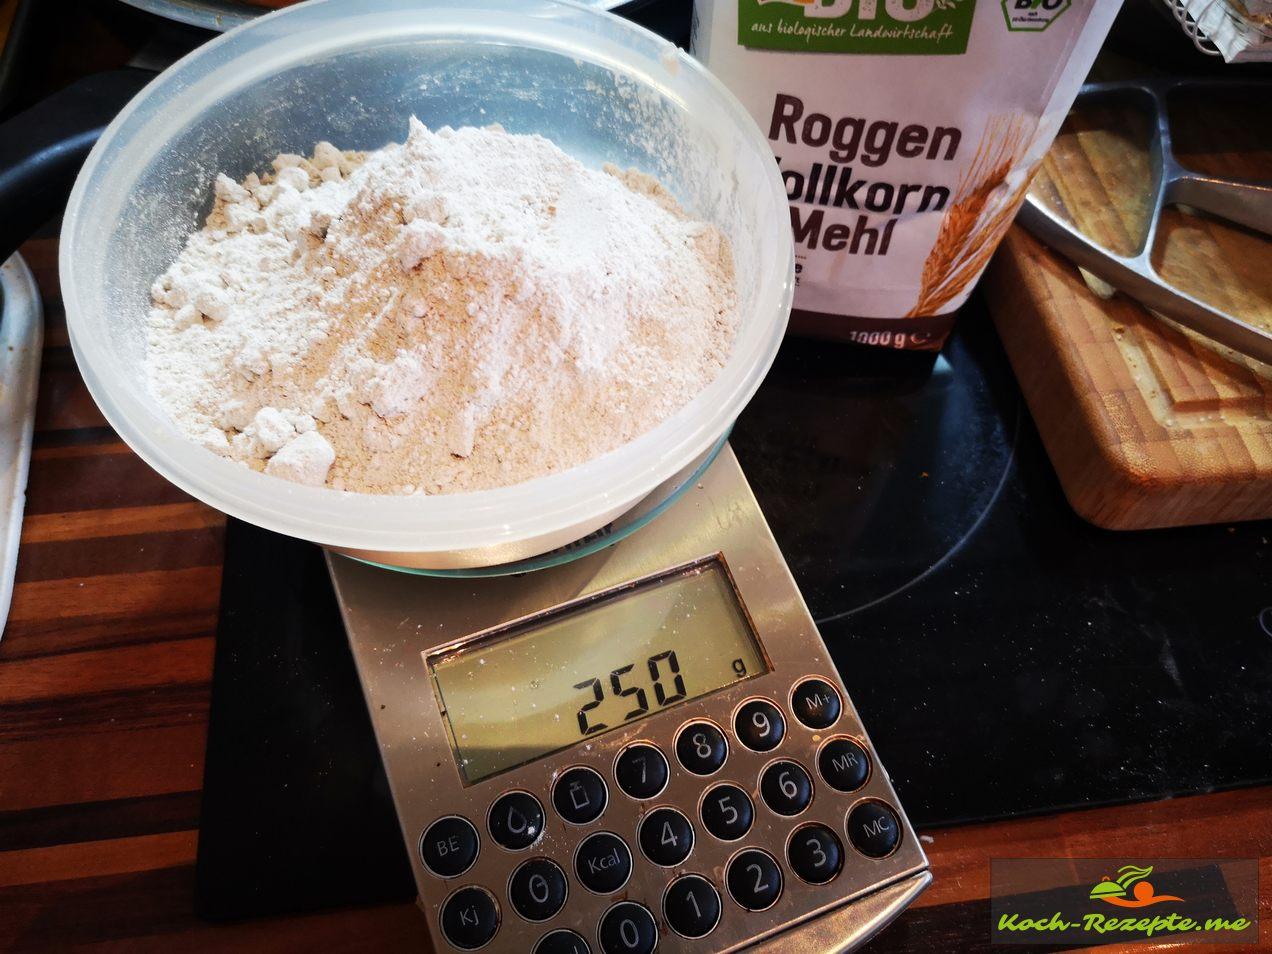 250 g Roggen Vollkorn Mehl abwiegen